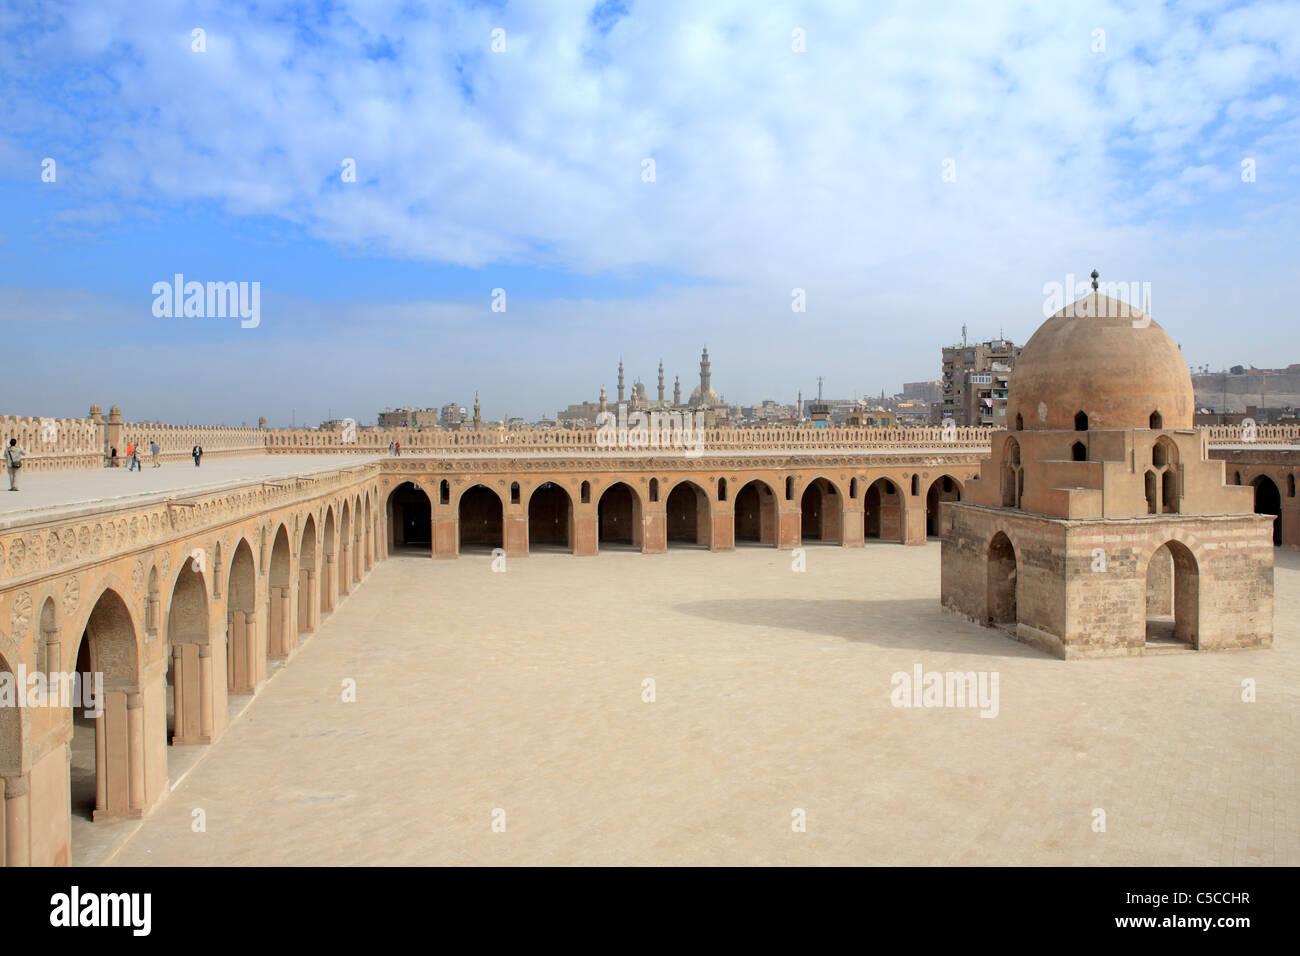 Ibn Tulun mezquita (879), El Cairo, Egipto Imagen De Stock